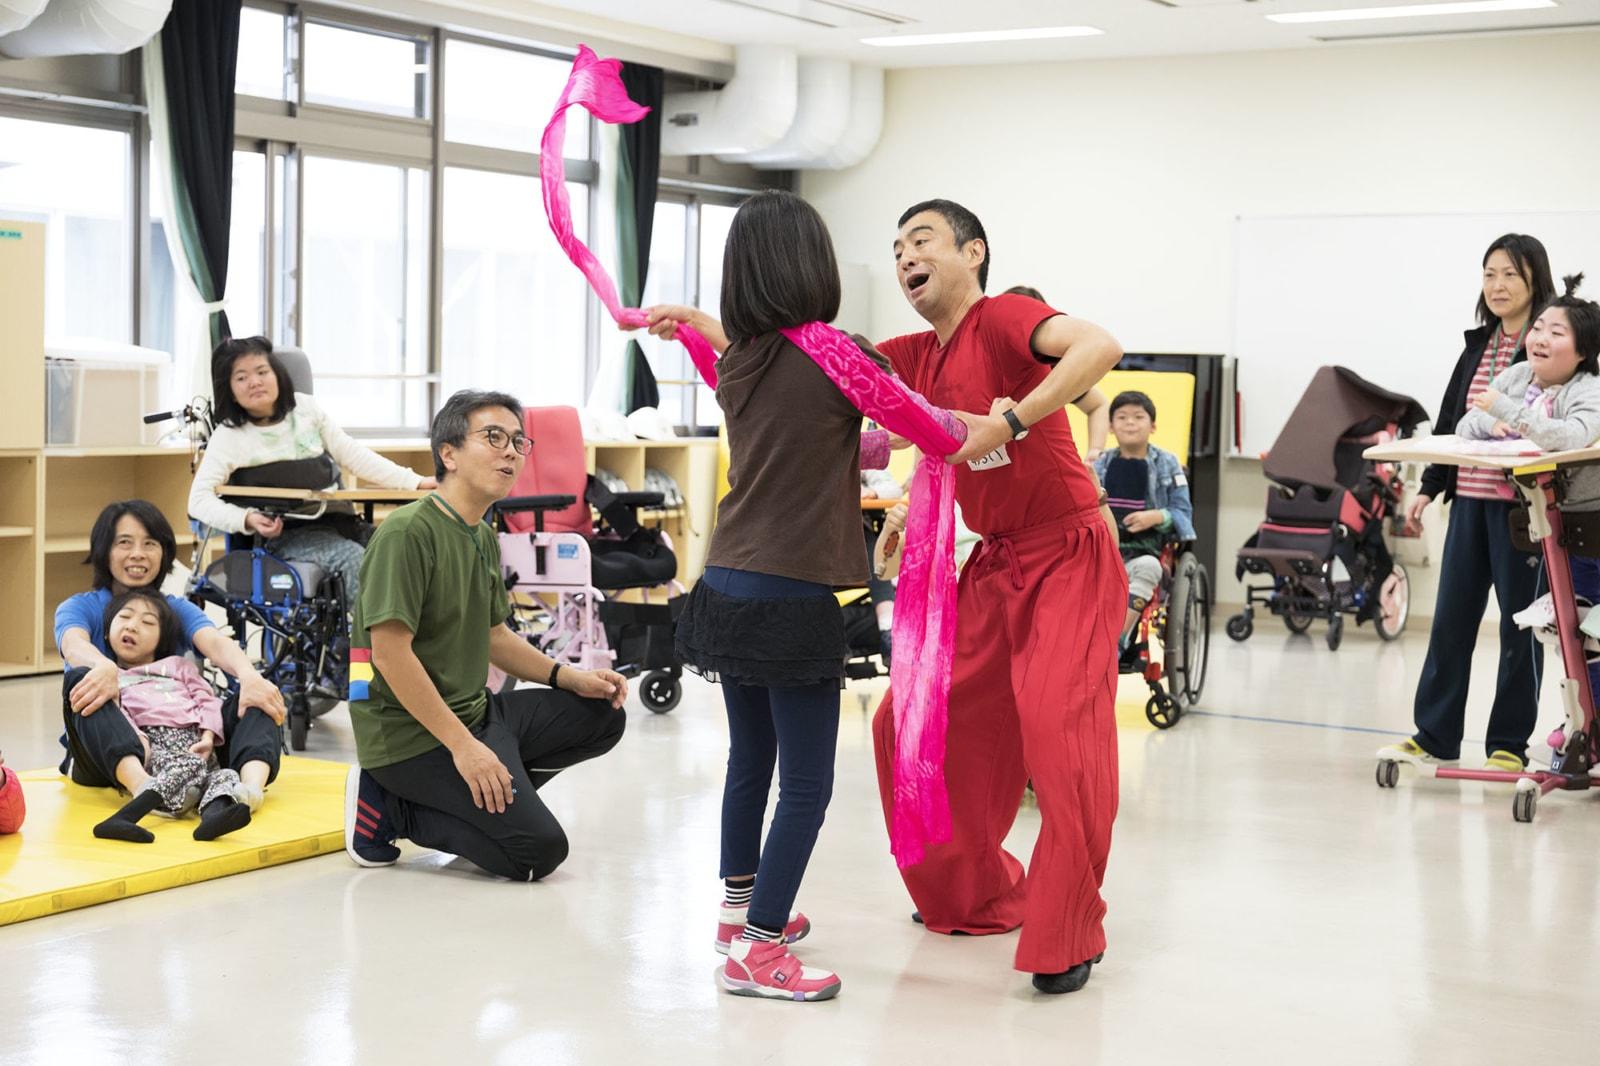 赤い服を着た、ダンサーの新井英夫さんが、鹿本学園の子どもと体を動かしています。